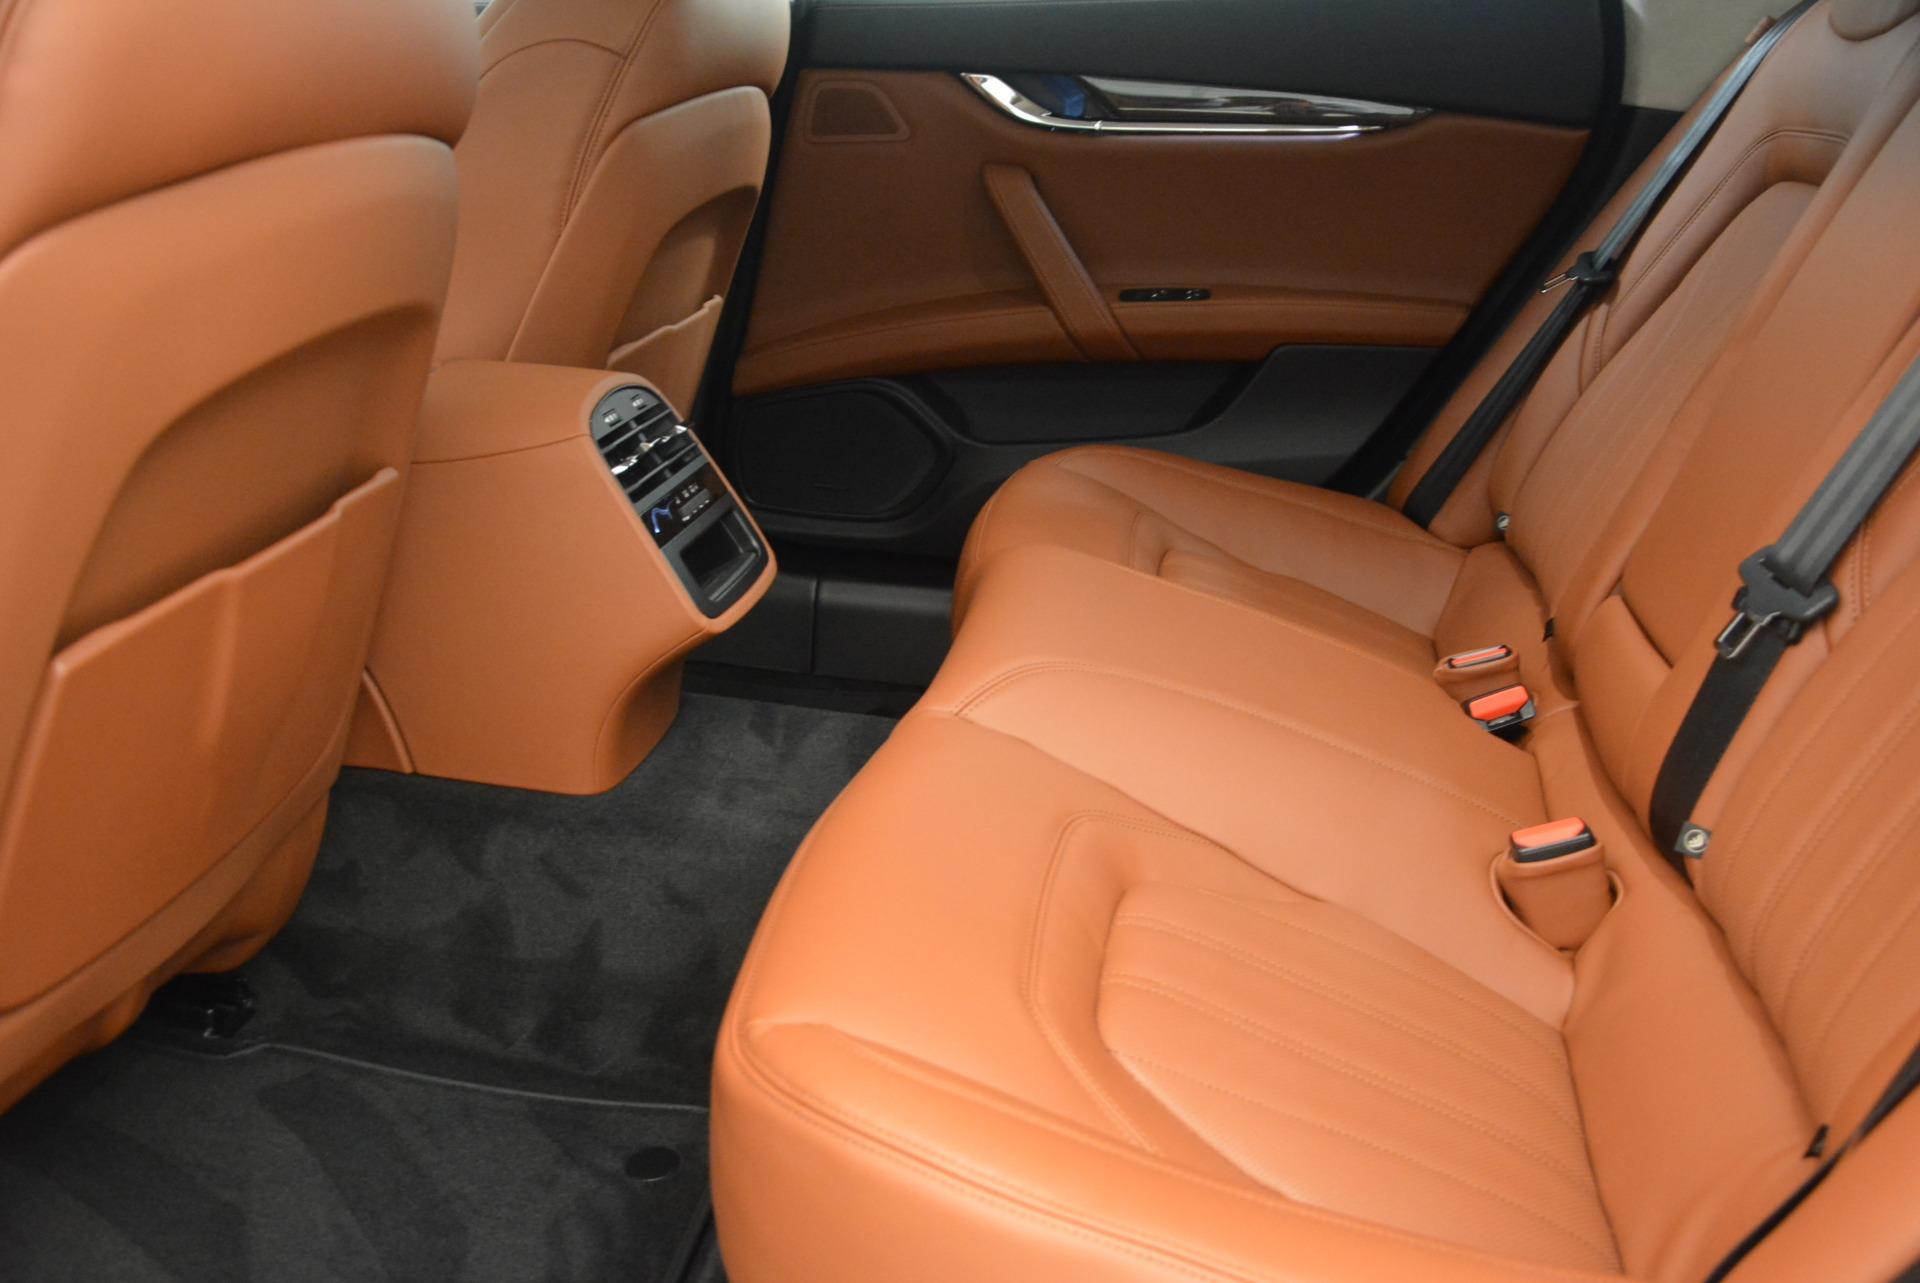 Used 2018 Maserati Quattroporte S Q4 GranLusso For Sale In Westport, CT 1572_p18